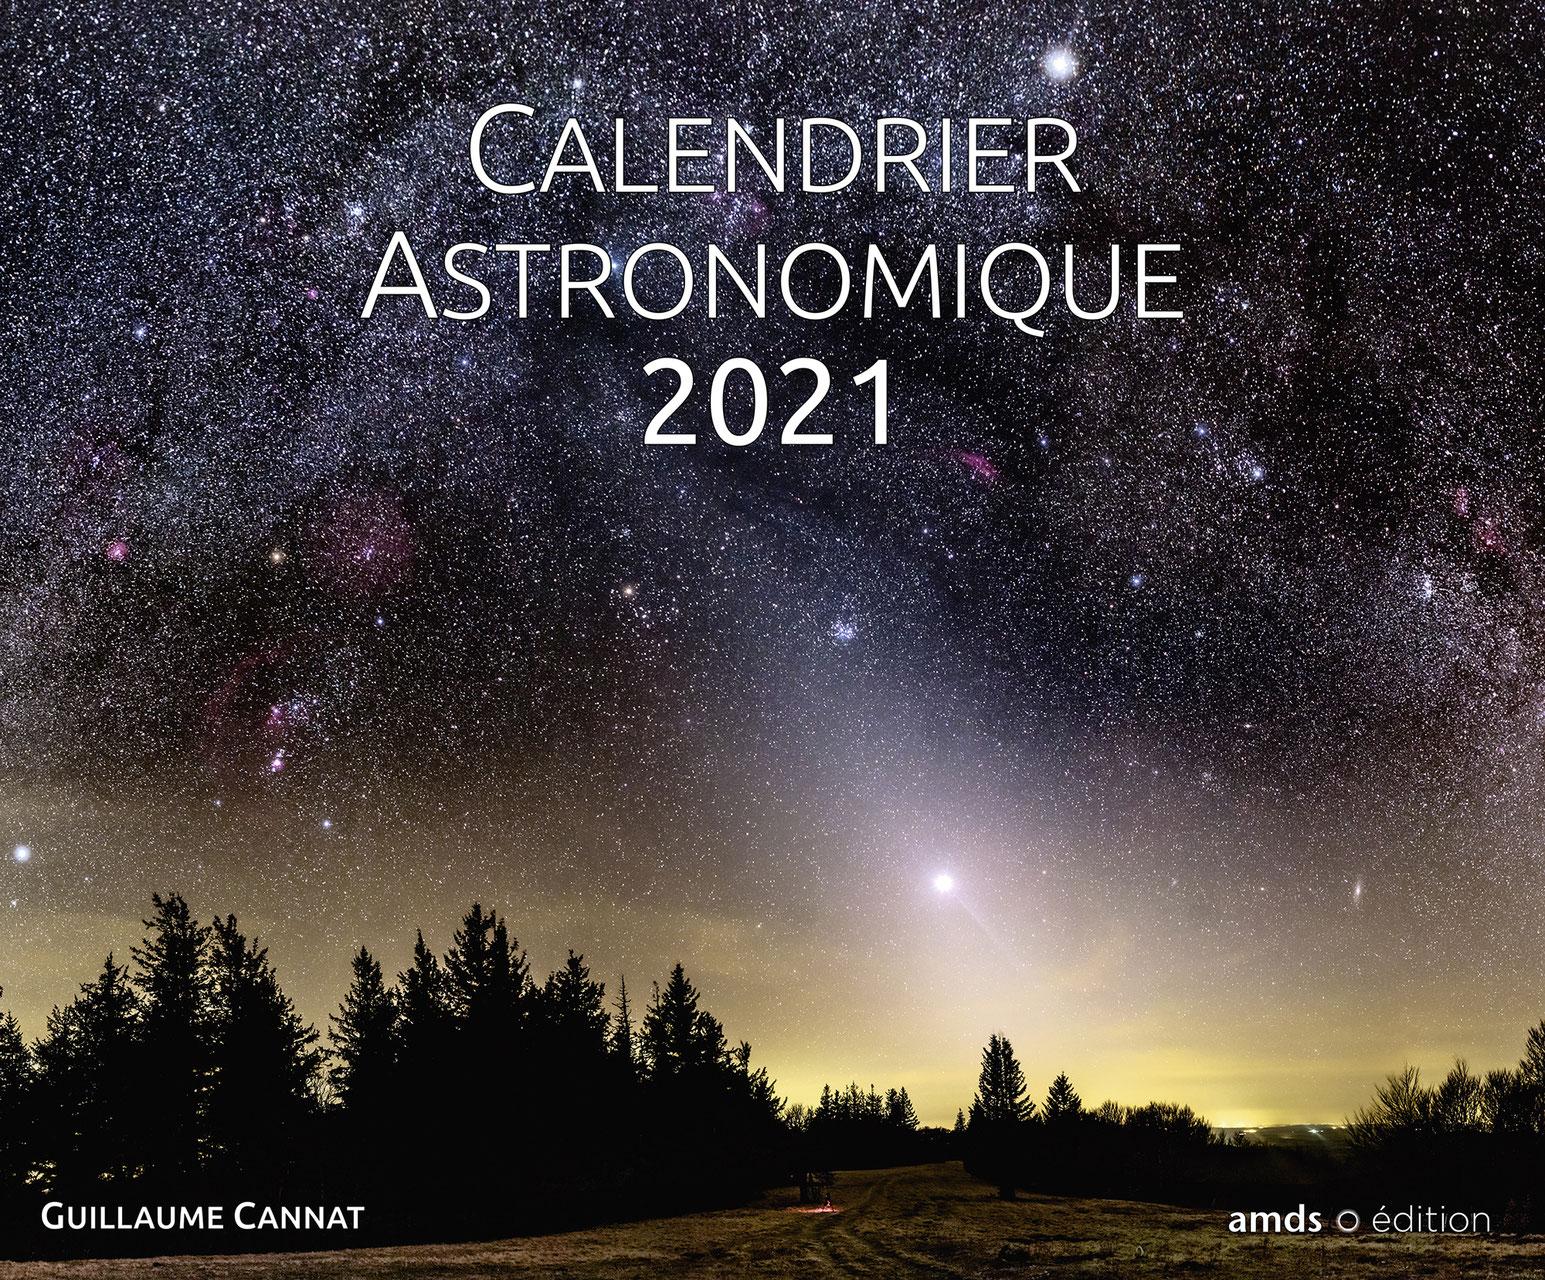 Calendrier Astronomique 2021 Accueil   Site d'amds édition